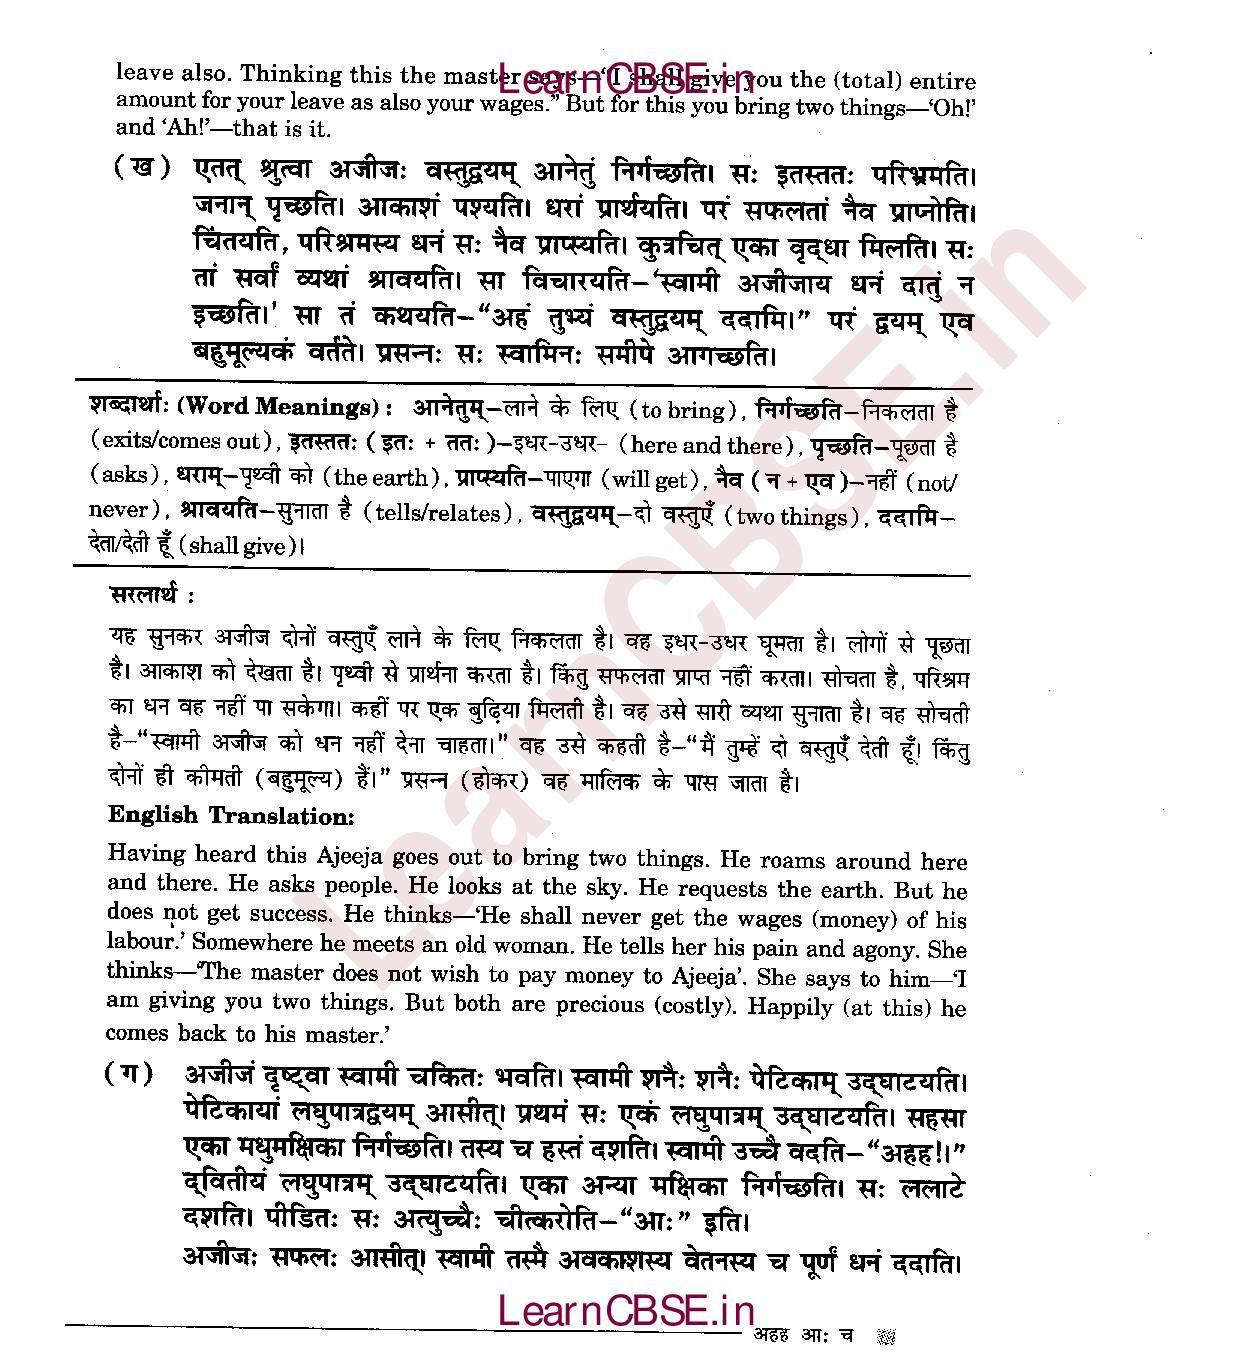 ncert-solutions-for-class-6th-sanskrit-chapter-14-ahaha-aah-ca-02 #NCERT  #NCERTsolutions #CBSE #CBSEclass6 #CBSEclass6Sanskrit